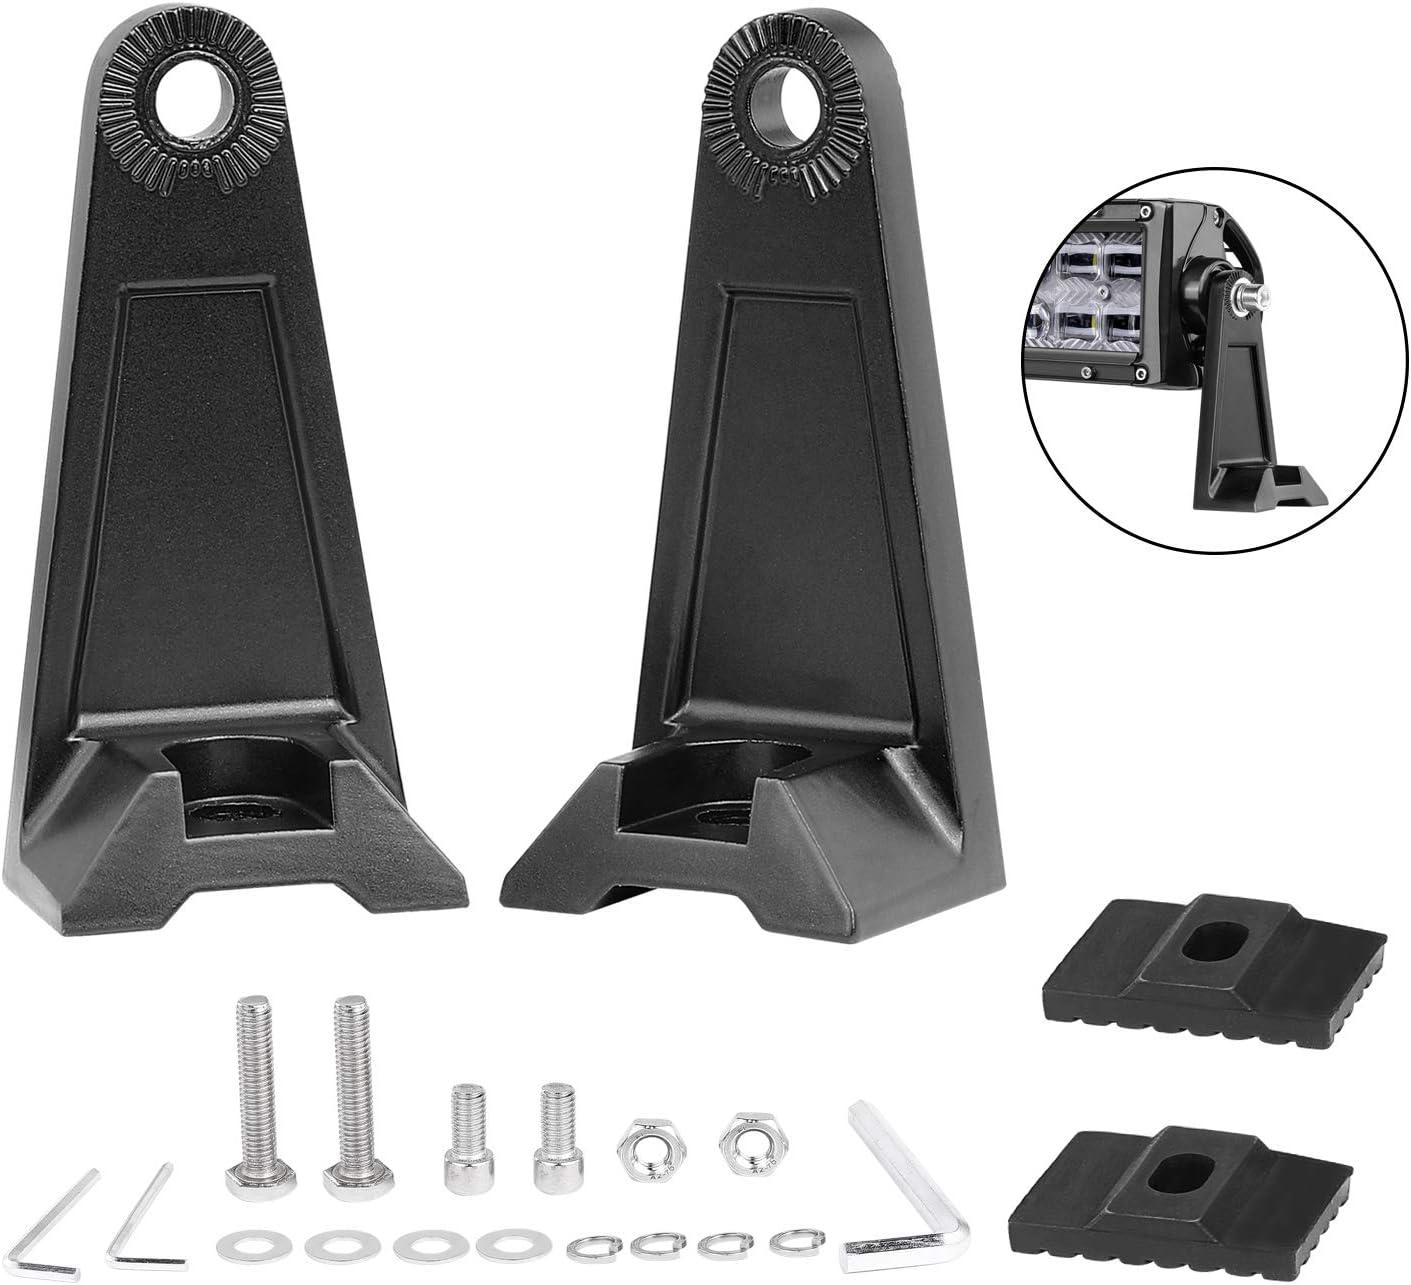 2pcs LED Work Light Bar Car Side Mounting Bracket Heavy Duty Holder Aluminum Kit